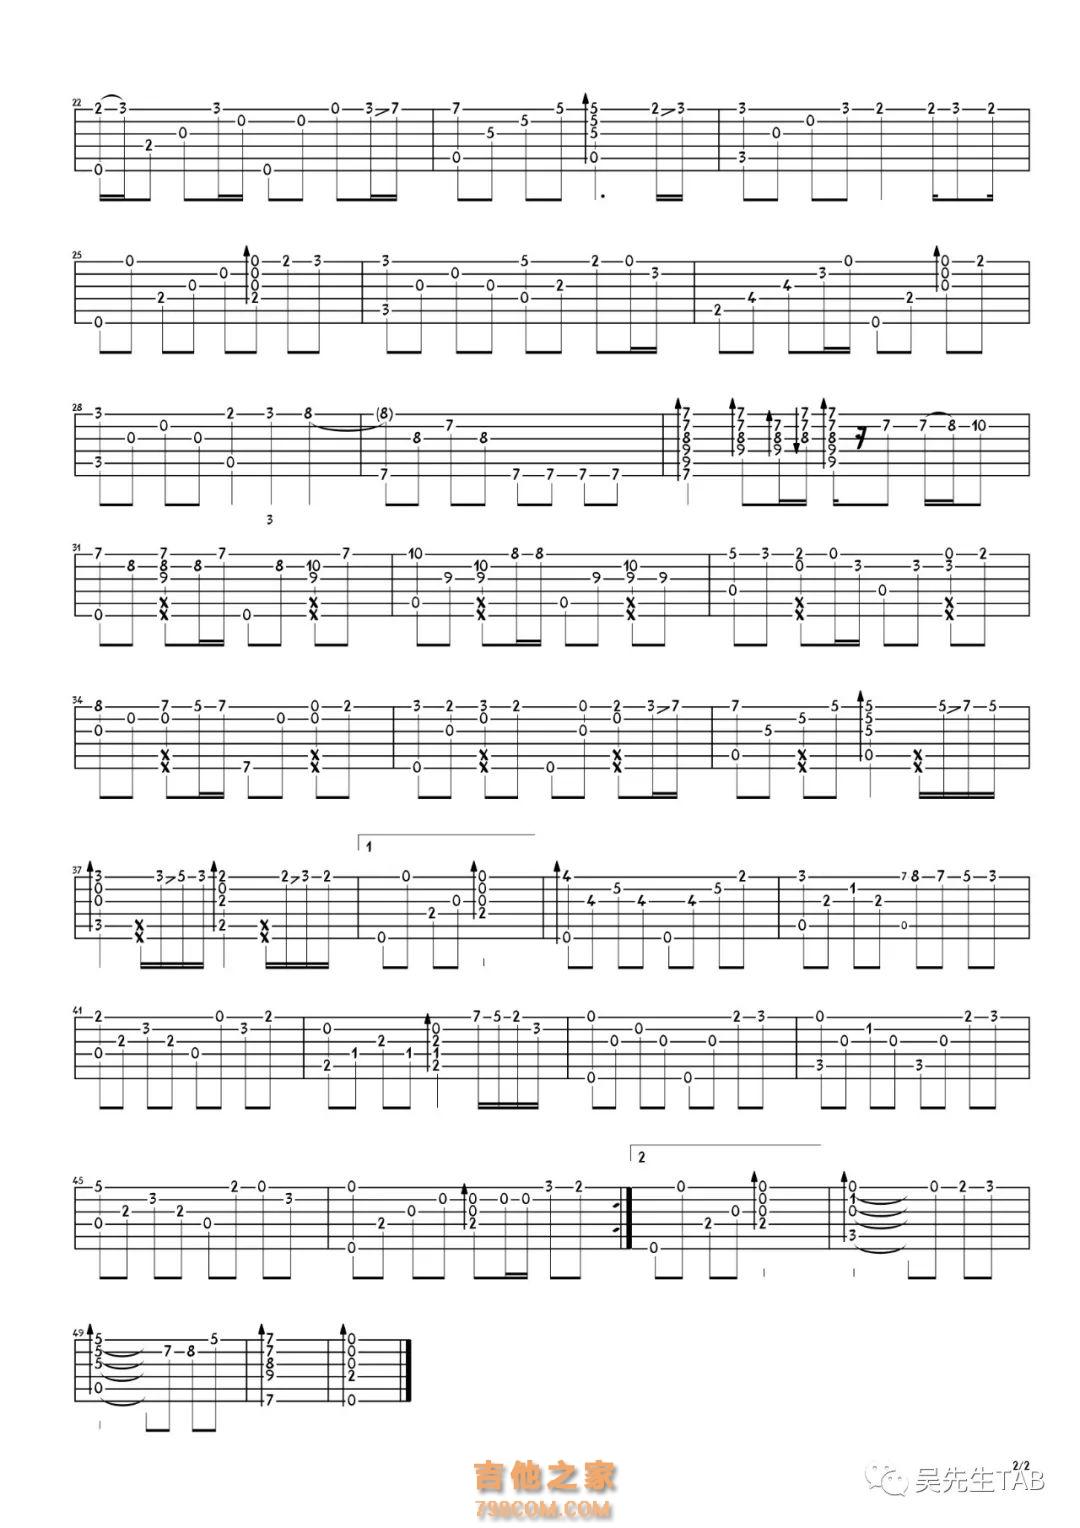 月半小夜曲指彈吉他譜 李克勤[吳先生TAB] - 吉他譜 - 吉他之家